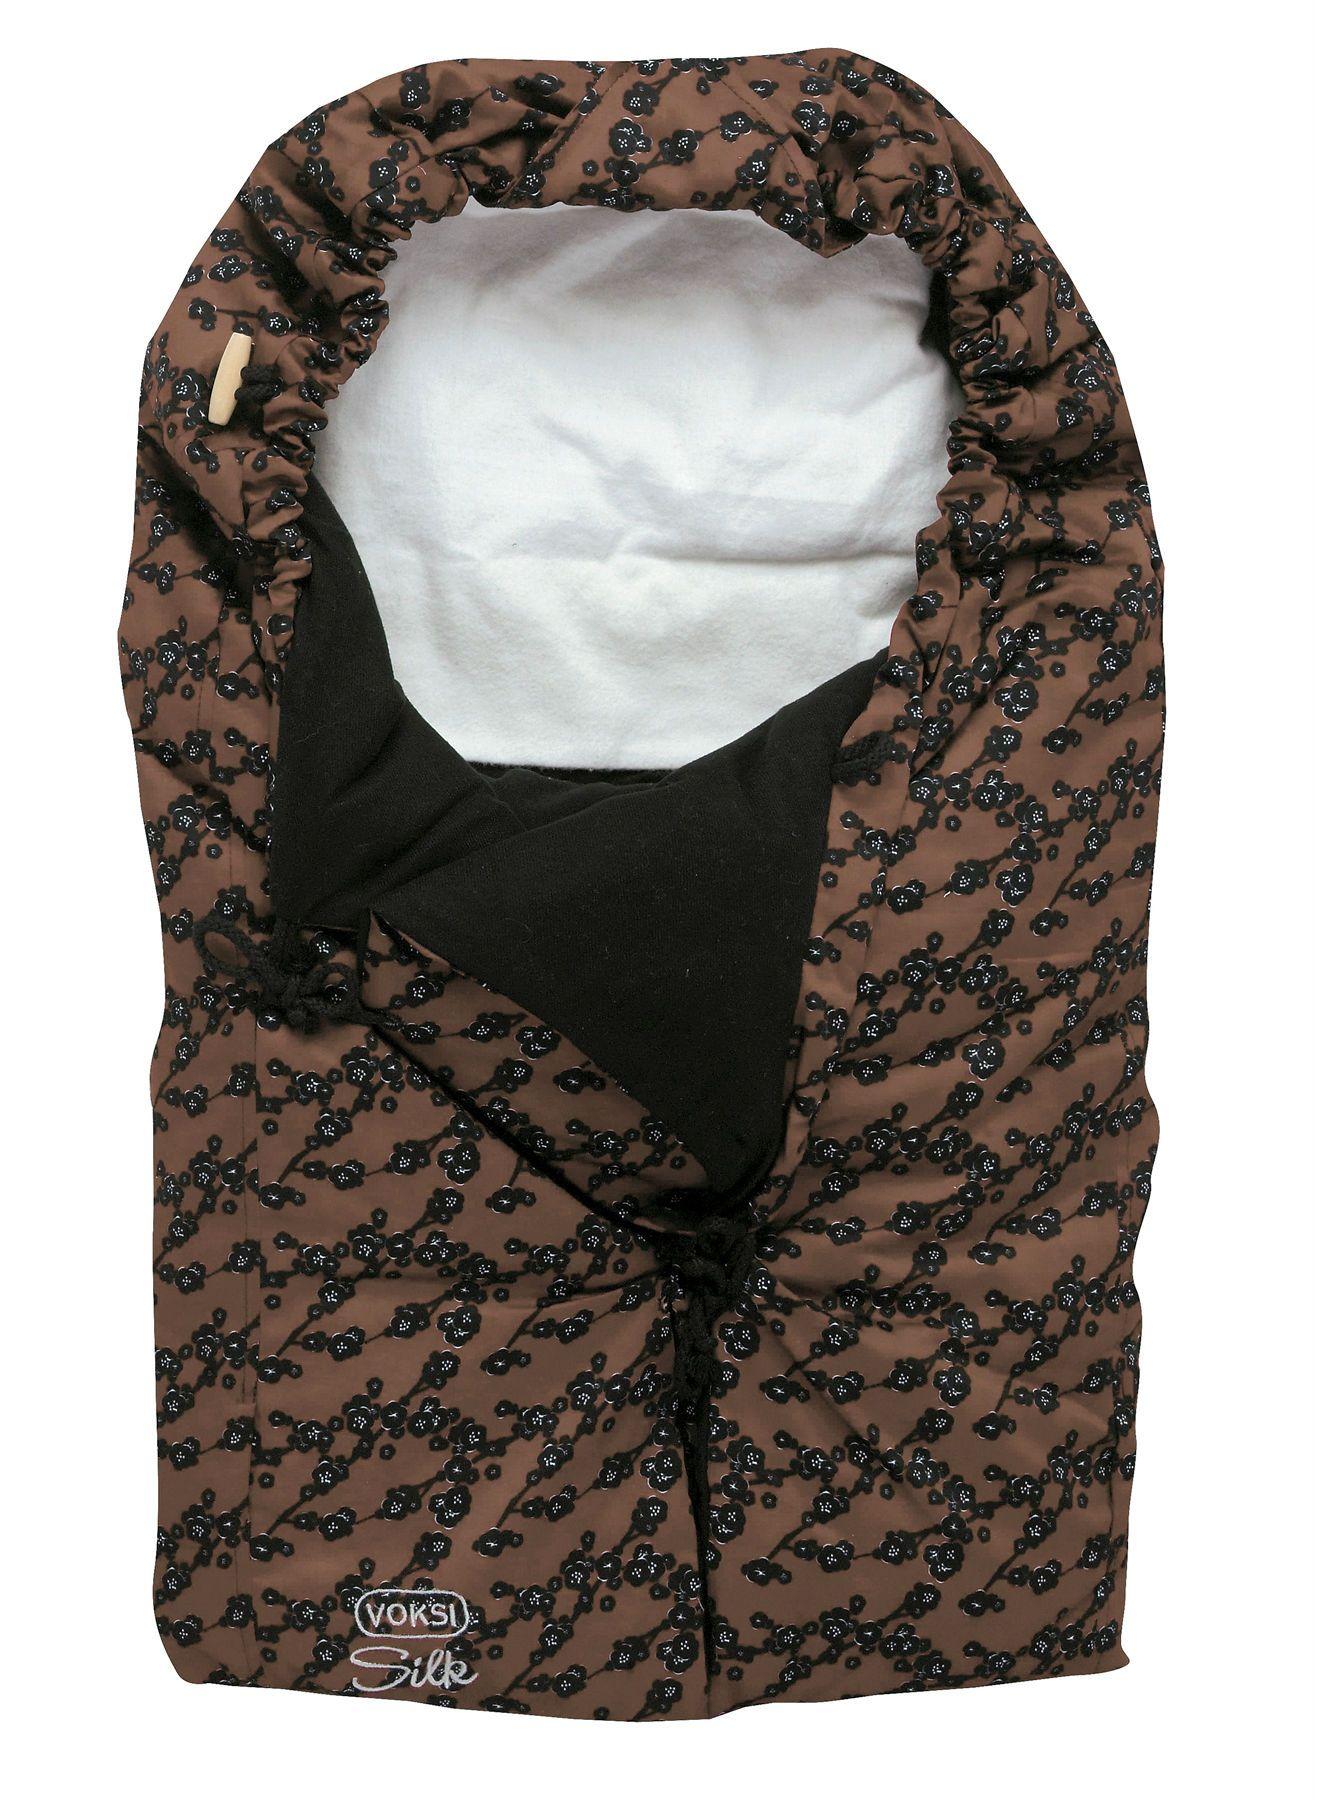 Voksipose - Voksi Classic Mini - Blossom Brown Silk